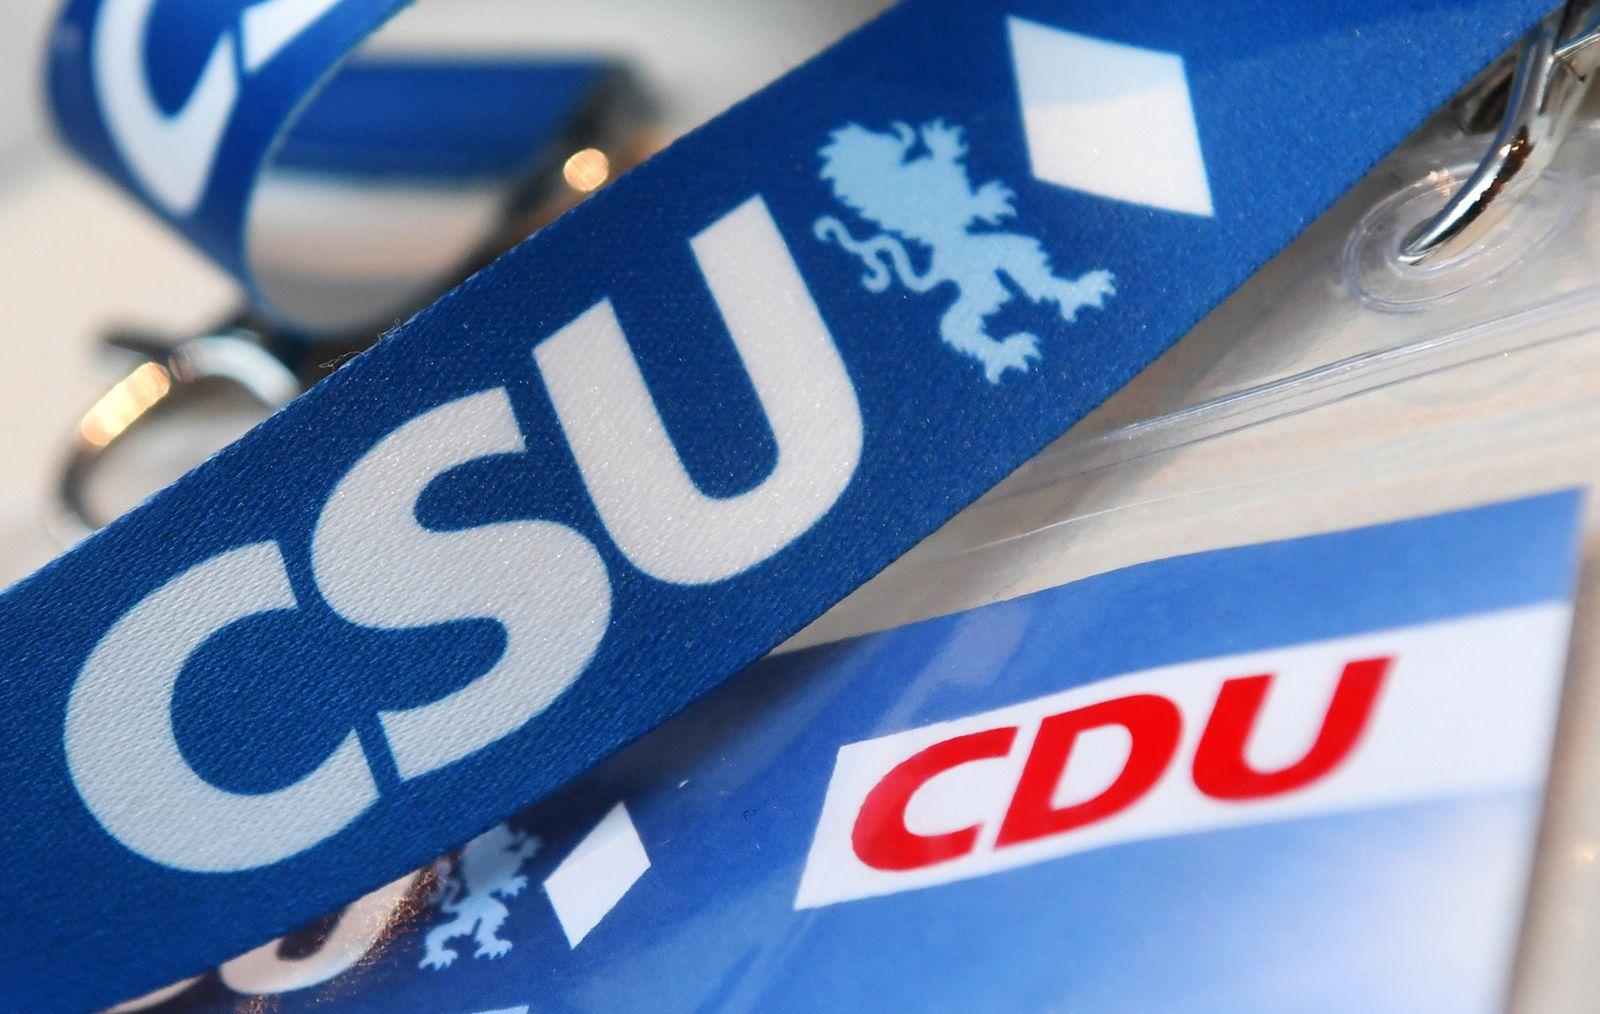 Union büßt weiter massiv in Wählergunst ein